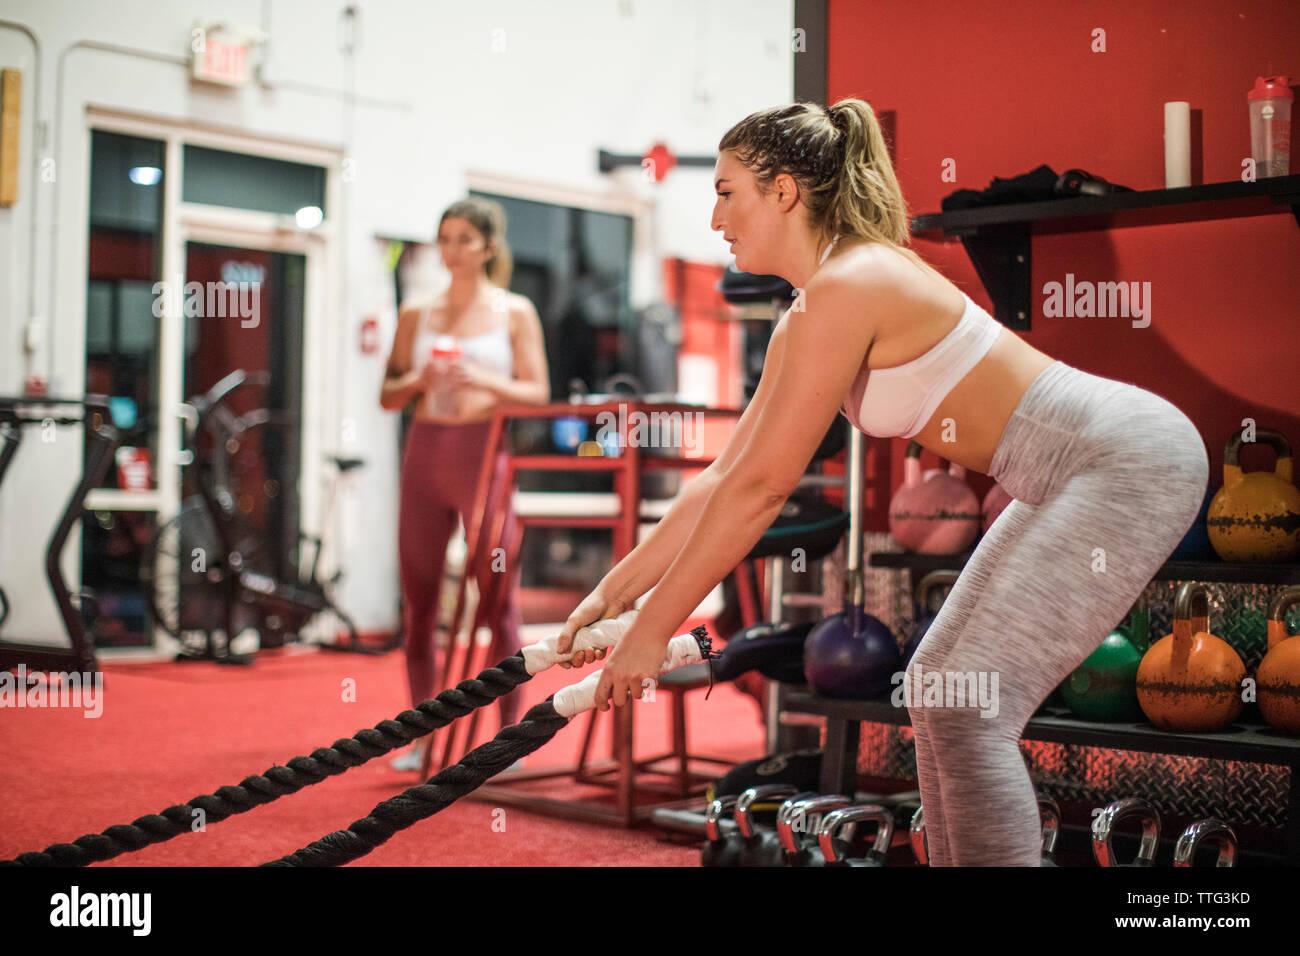 Mettre en place une intense bataille femme faisant de l'exercice de la corde dans la salle de sport Photo Stock